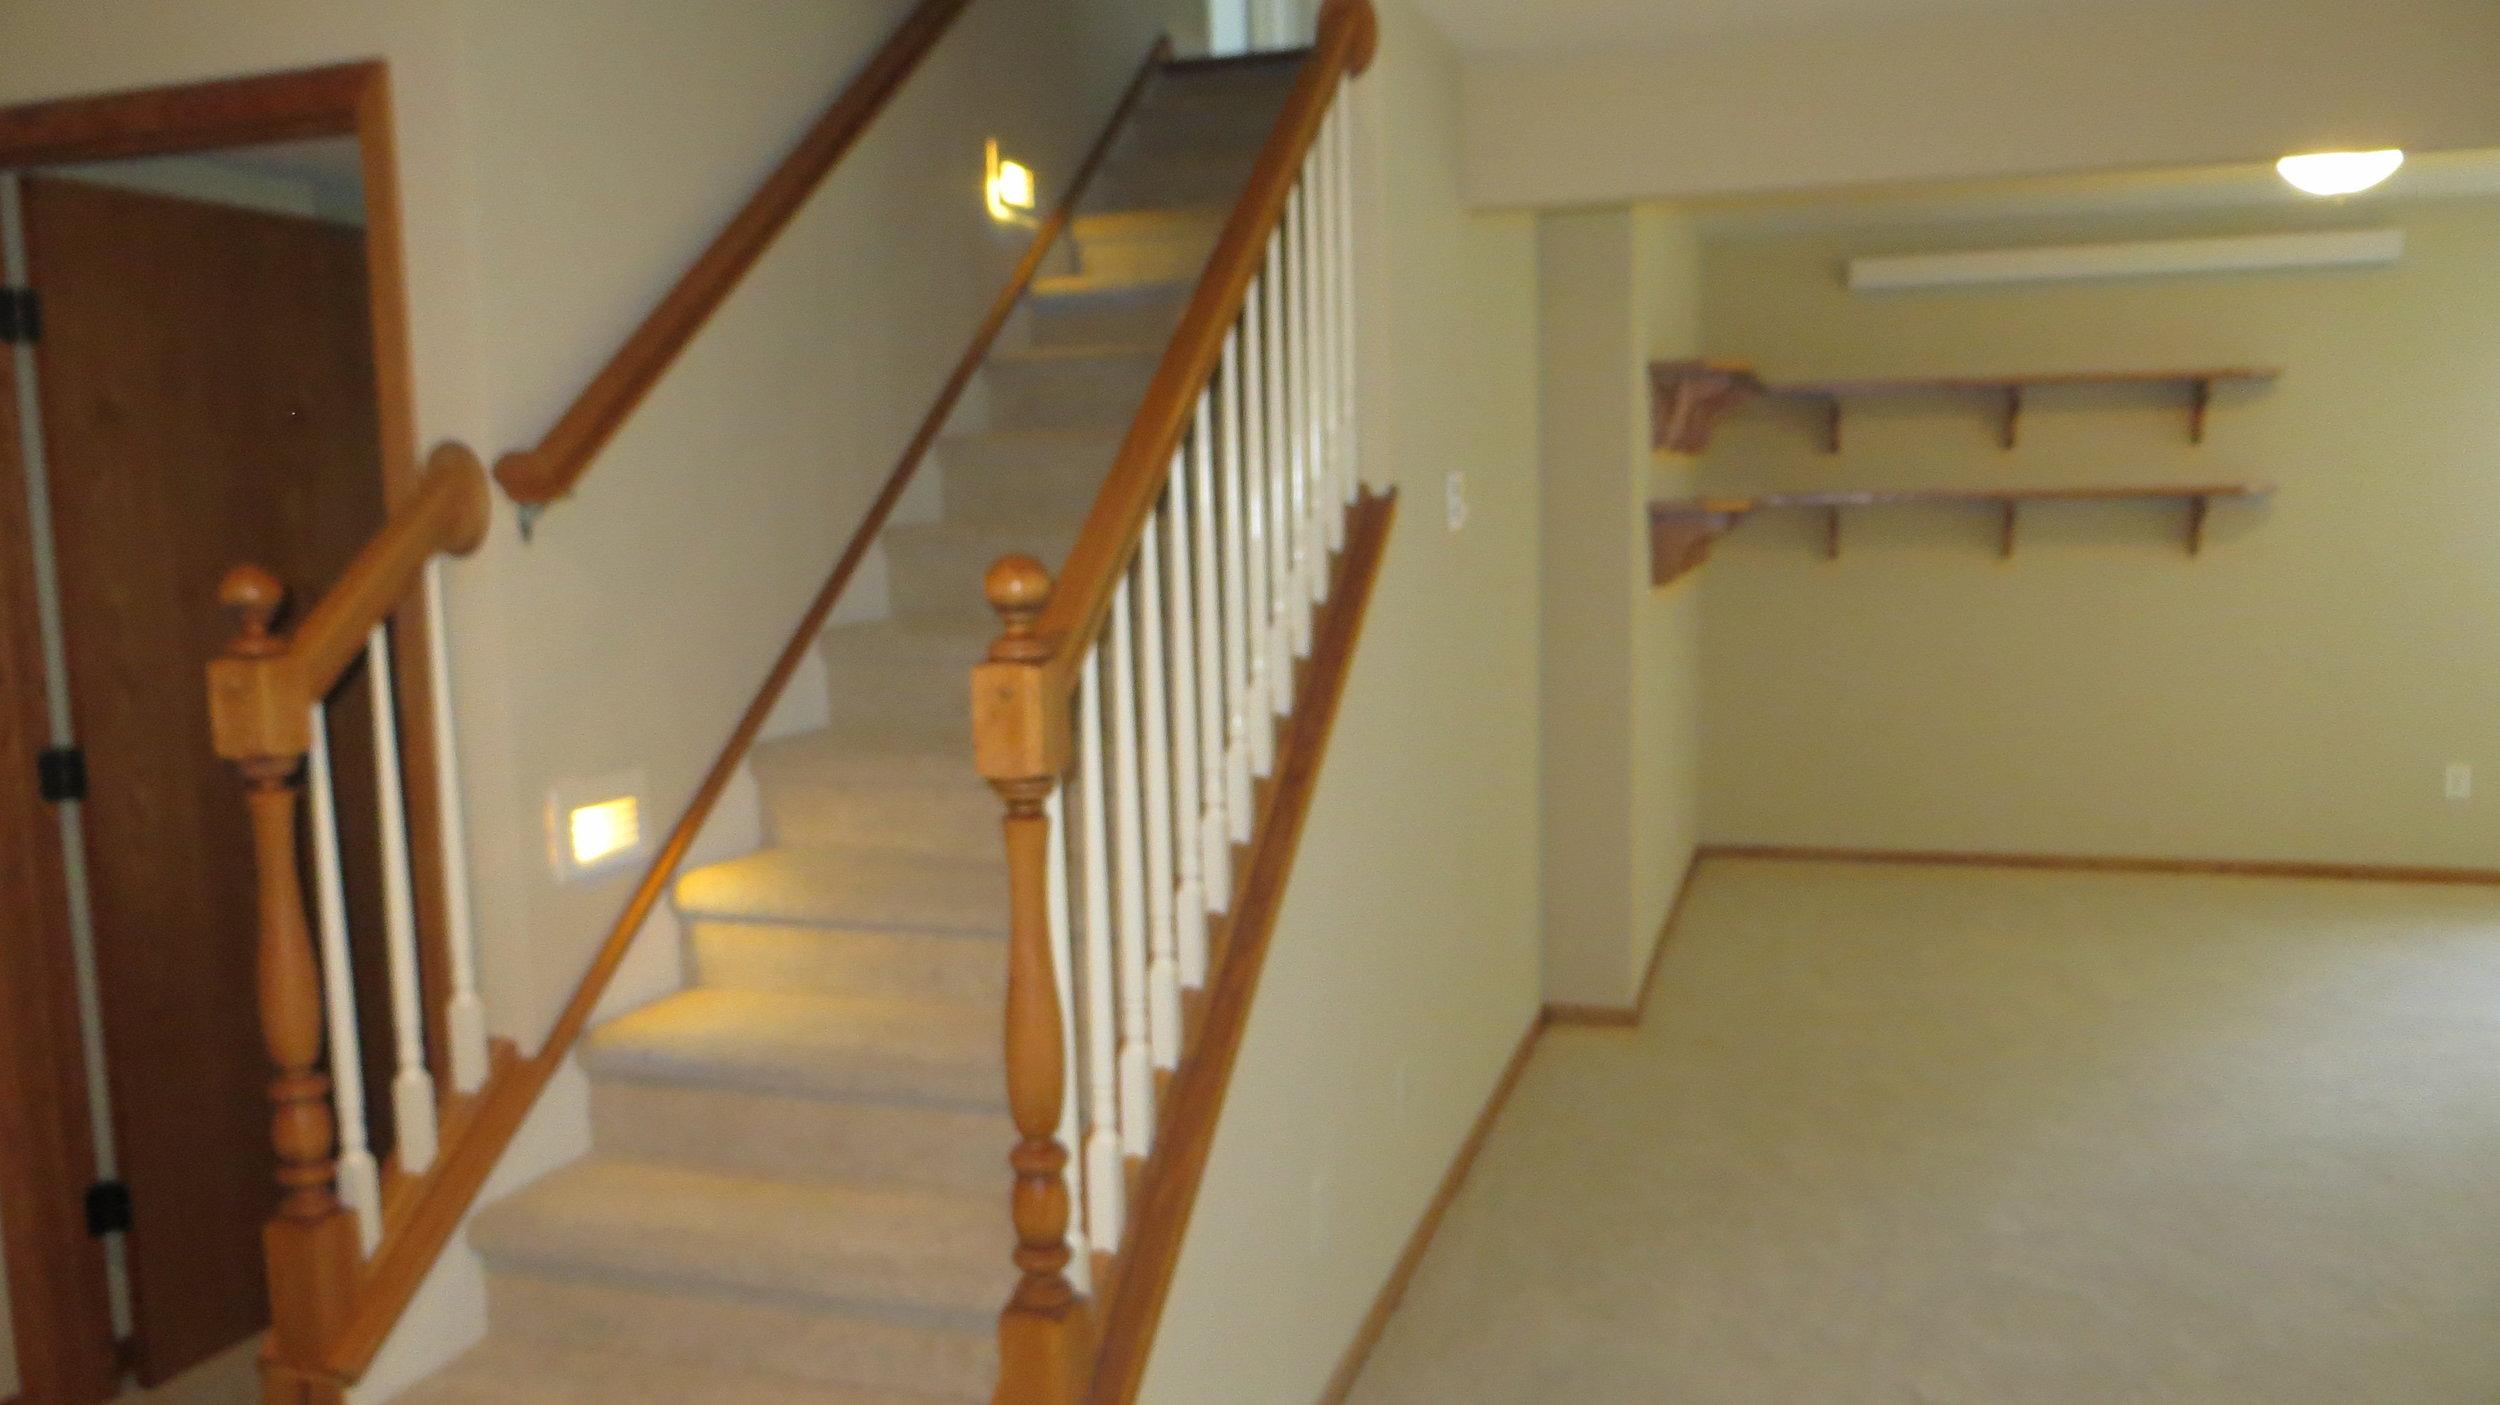 Staircase-Lighting-and-Corner-Shelves.jpg